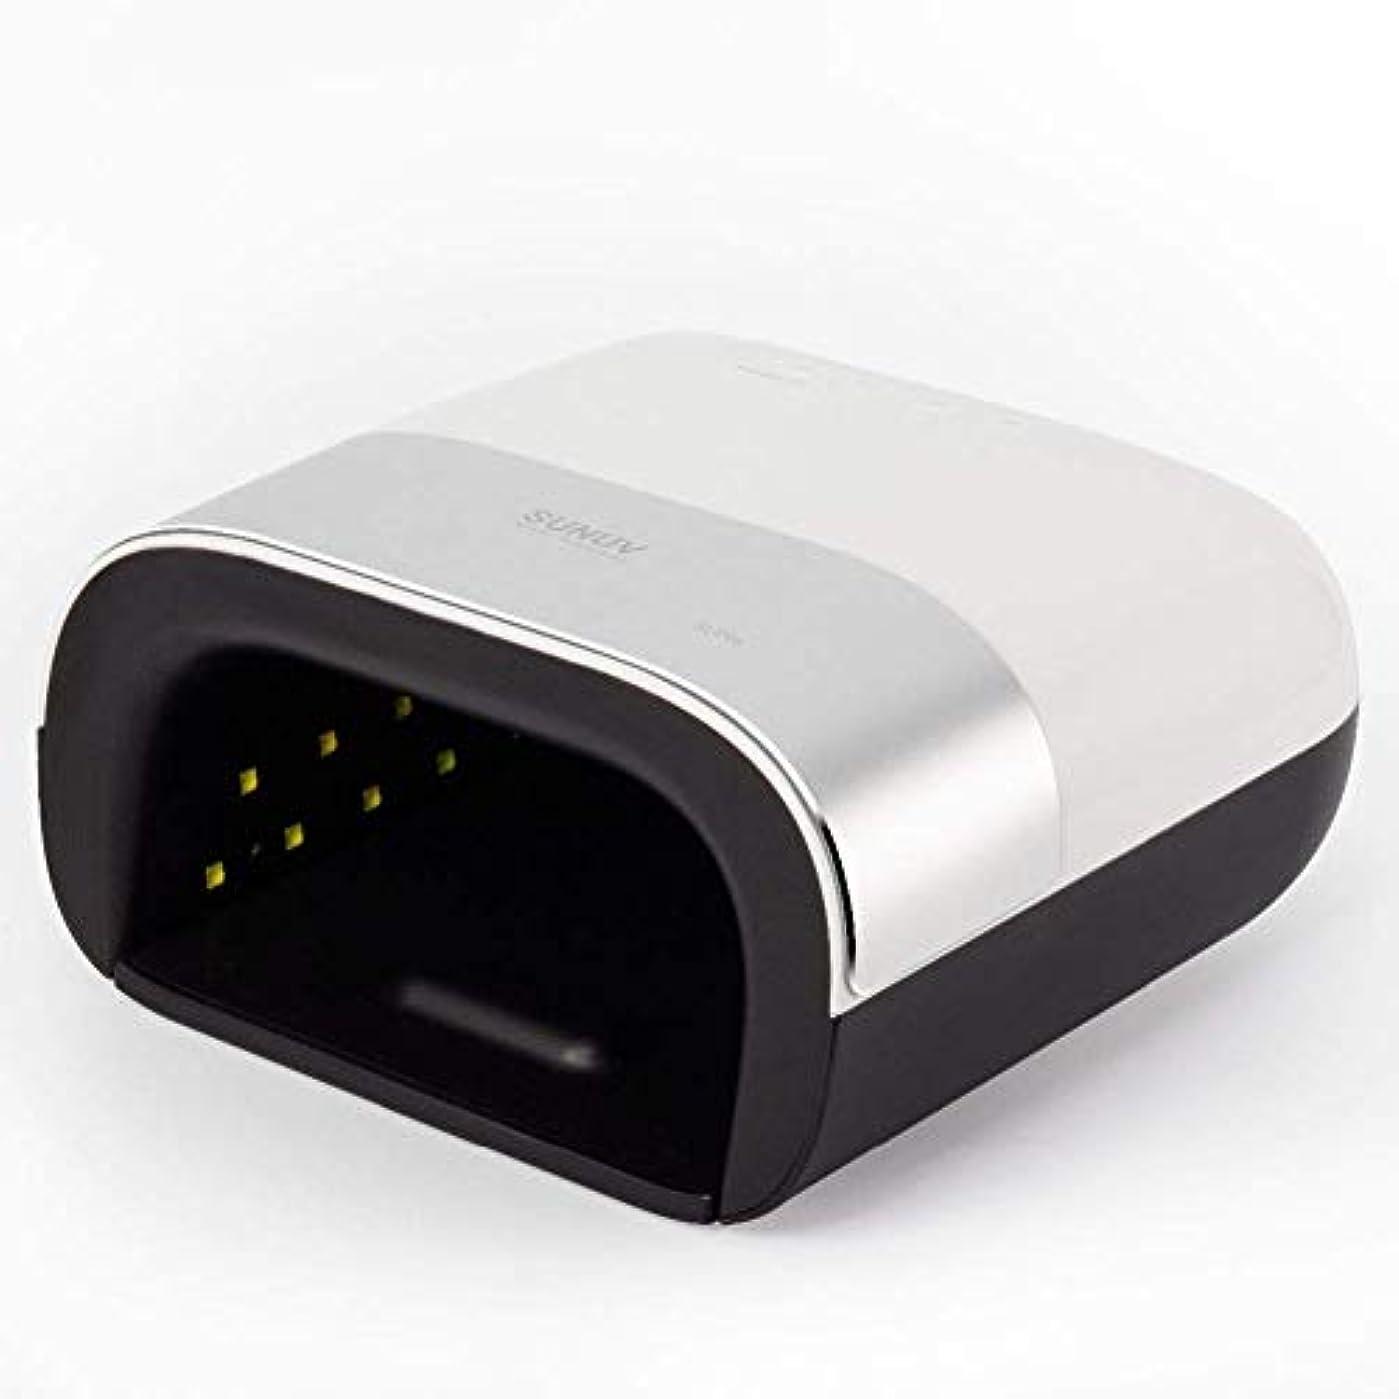 可決曲あからさまネイルドライヤーネイルドライヤースマート2.0 48W UV LEDランプネイルスマートタイマーメモリ見えないデジタルタイマーディスプレイネイル乾燥機、画像としての色